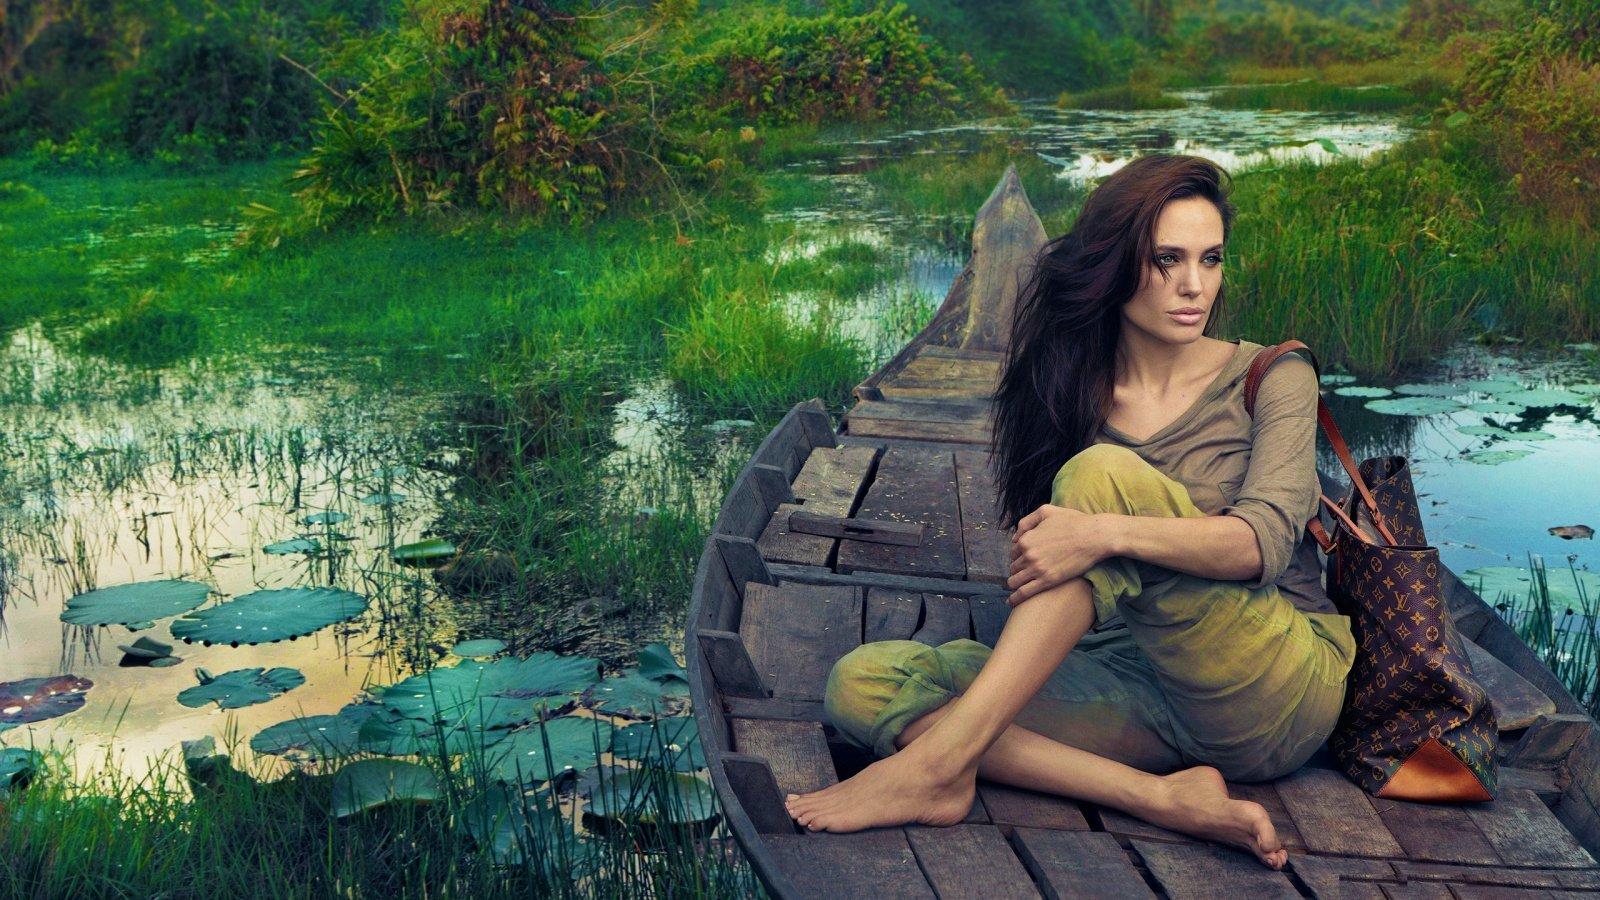 Angelina Jolie Fond D Ecran 1600x900 10 000 Fonds D Ecran Hd Gratuits Et De Qualite Wallpapers Hd